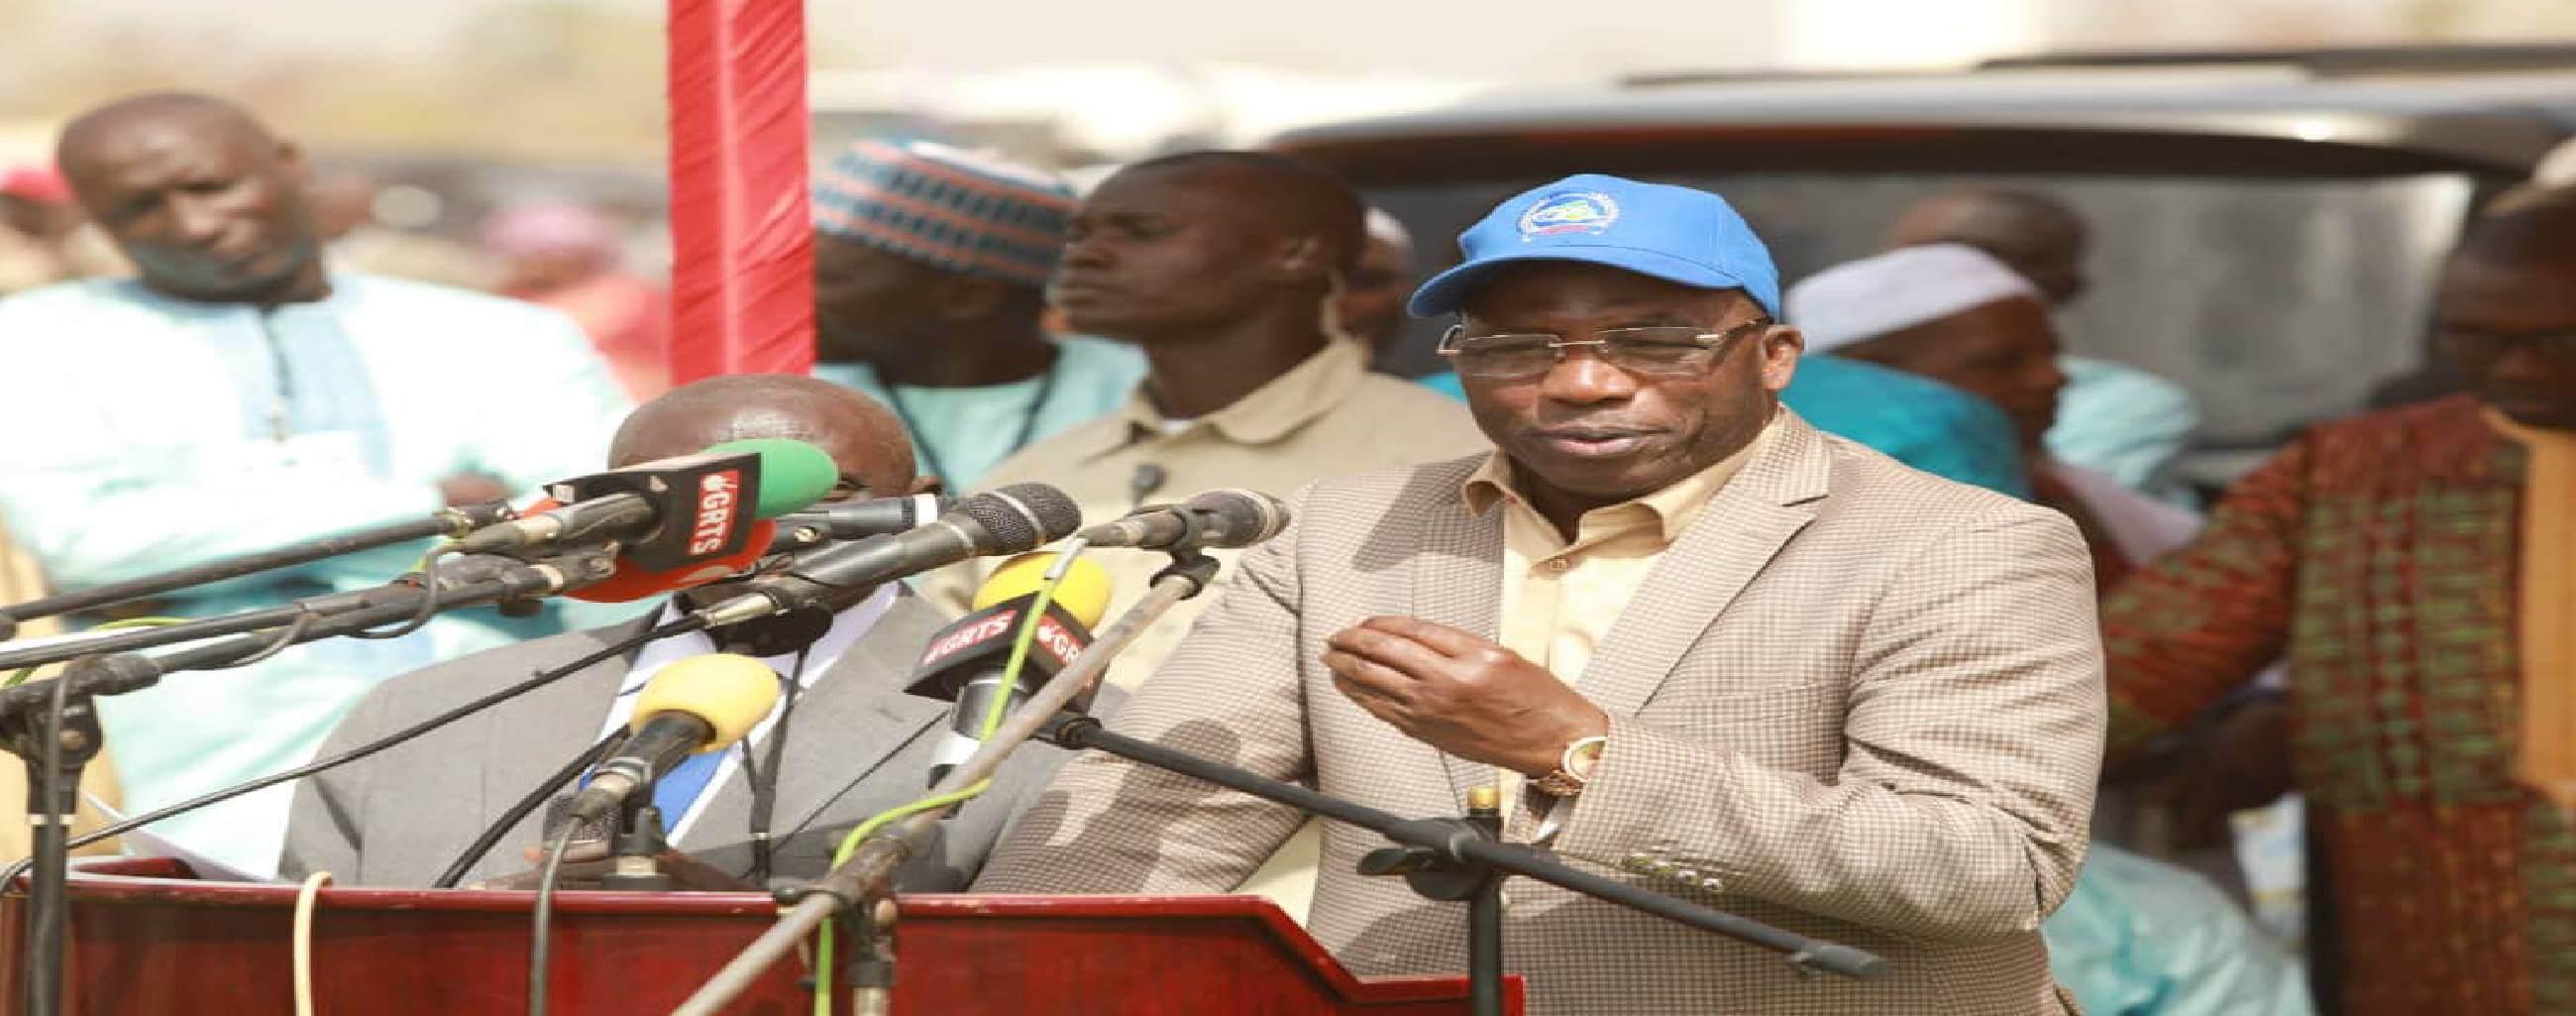 Haut-Commissaire à Soma Projet Energie OMVG